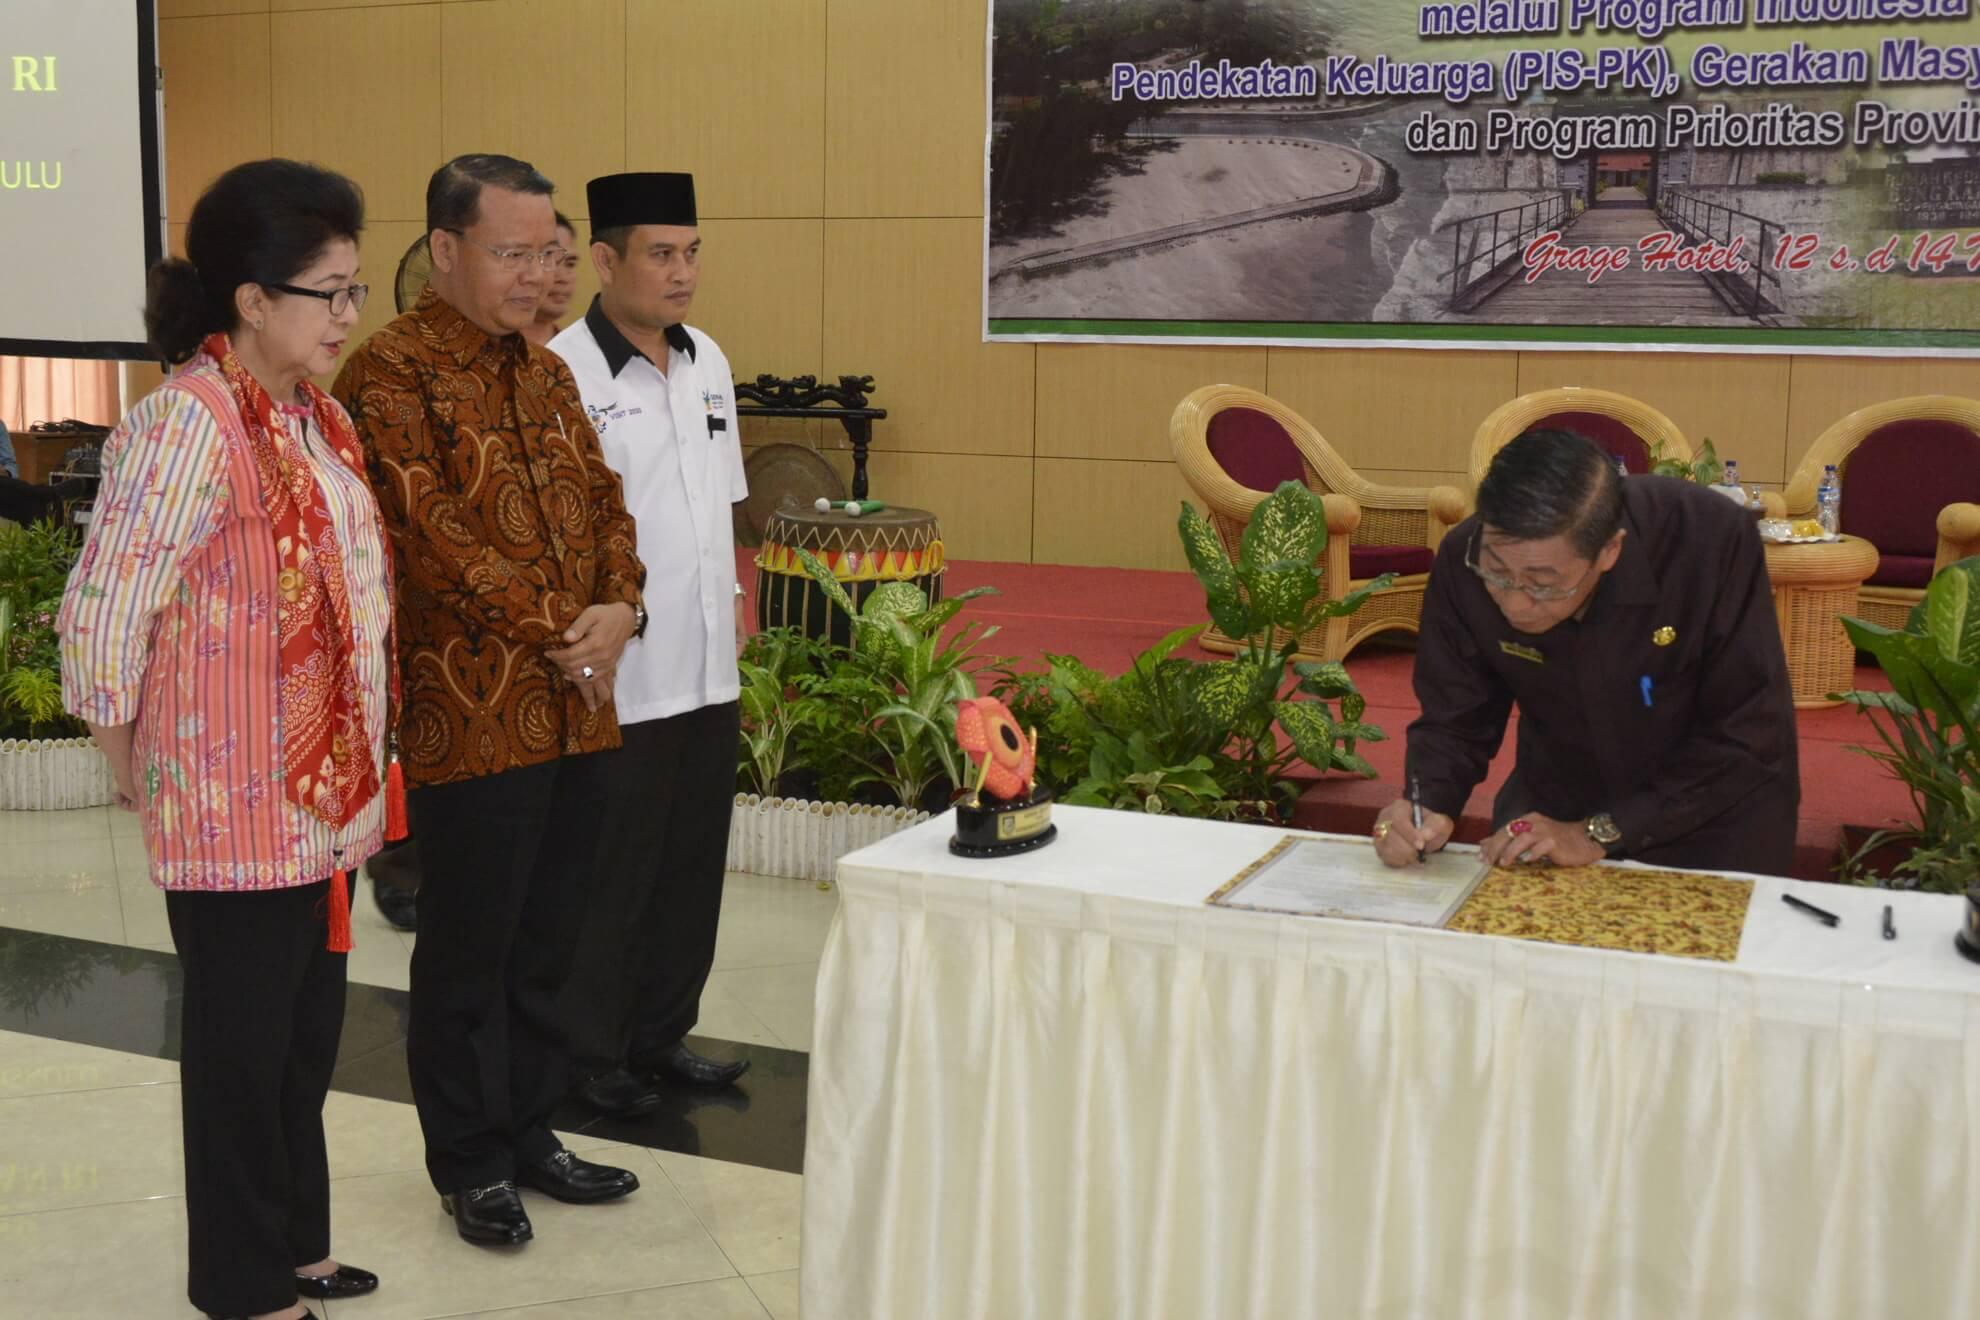 13-05-2017 Menkes Nila Moeloek Menyaksikan Penandatanganan Komitmen Sinergitas Pembangunan Kesehatan Pemerintah Pusat, Provinsi, dan Kabupaten/Kota yang dilakukan oleh Bupati/Walikota di Provinsi Bengkulu (R46)